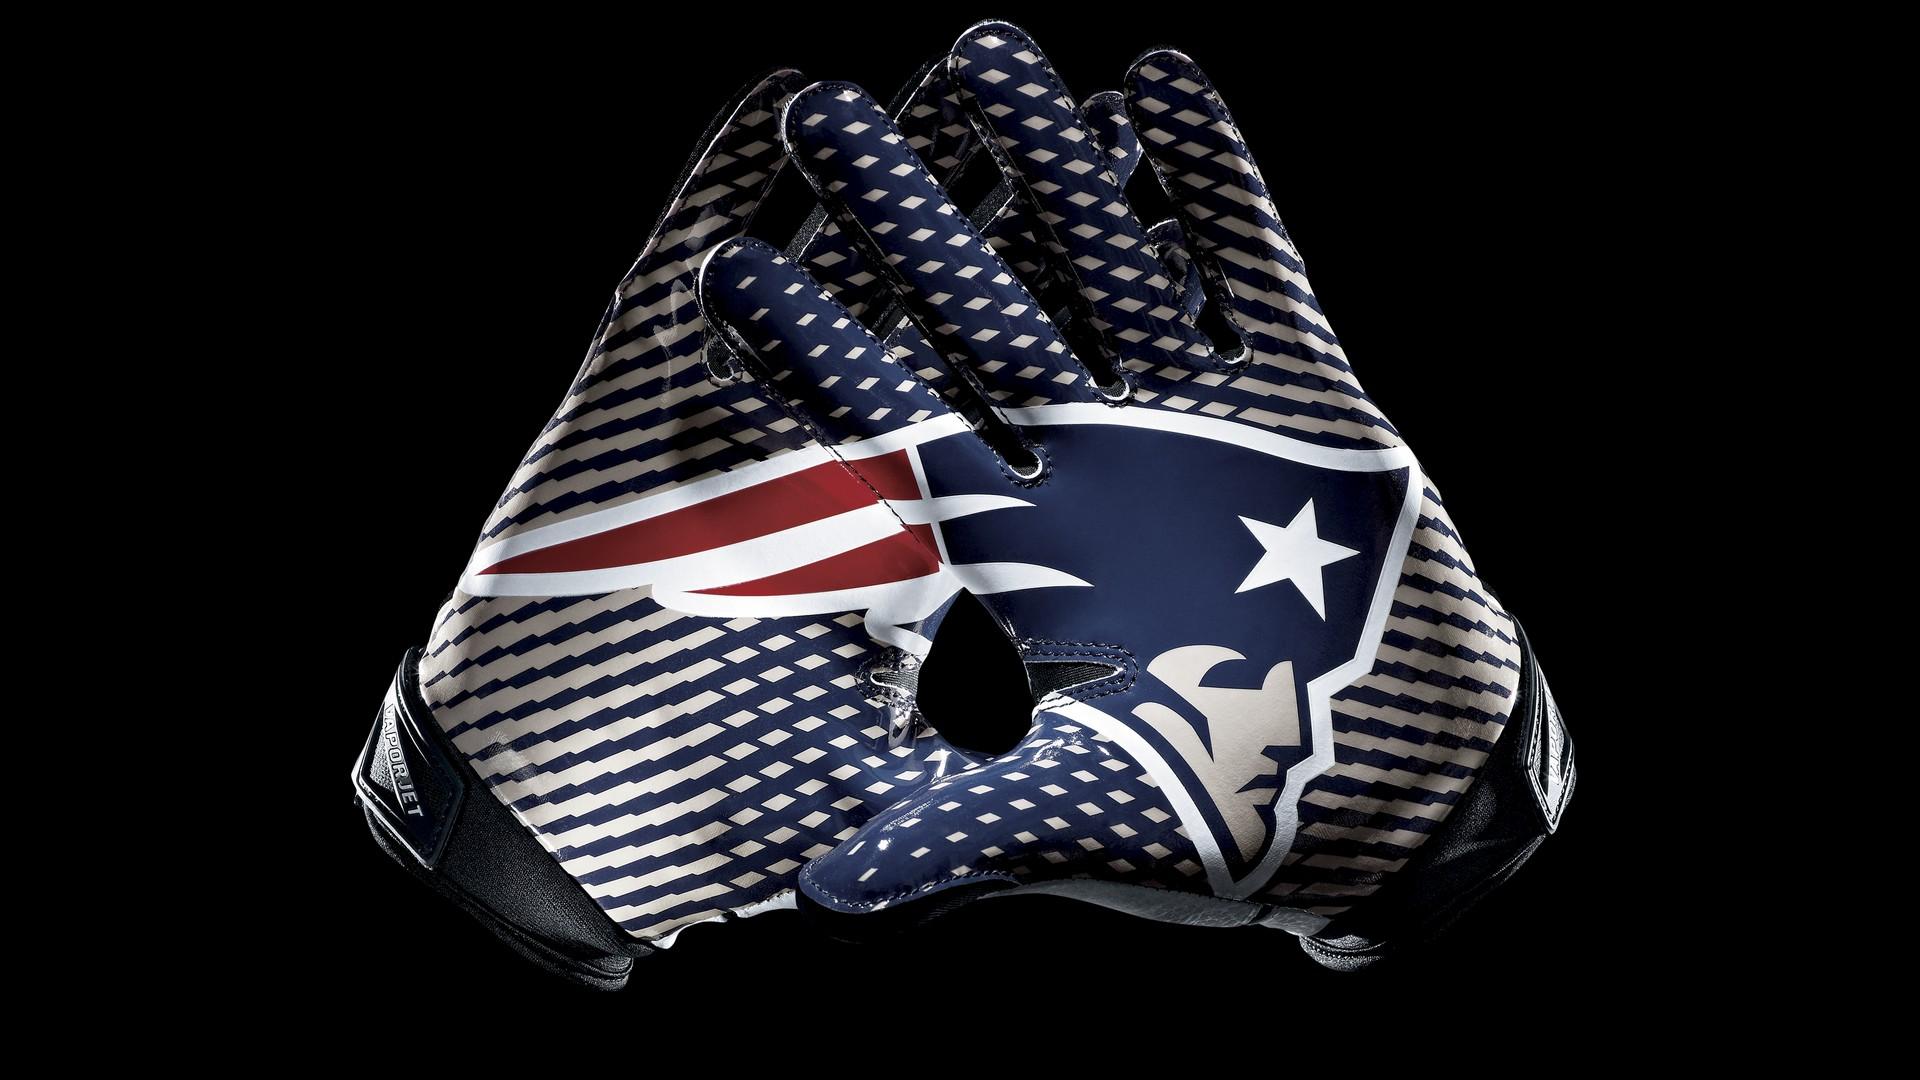 New England Patriots Wallpaper For Mac Backgrounds - New England Patriots Wallpaper 4k - HD Wallpaper